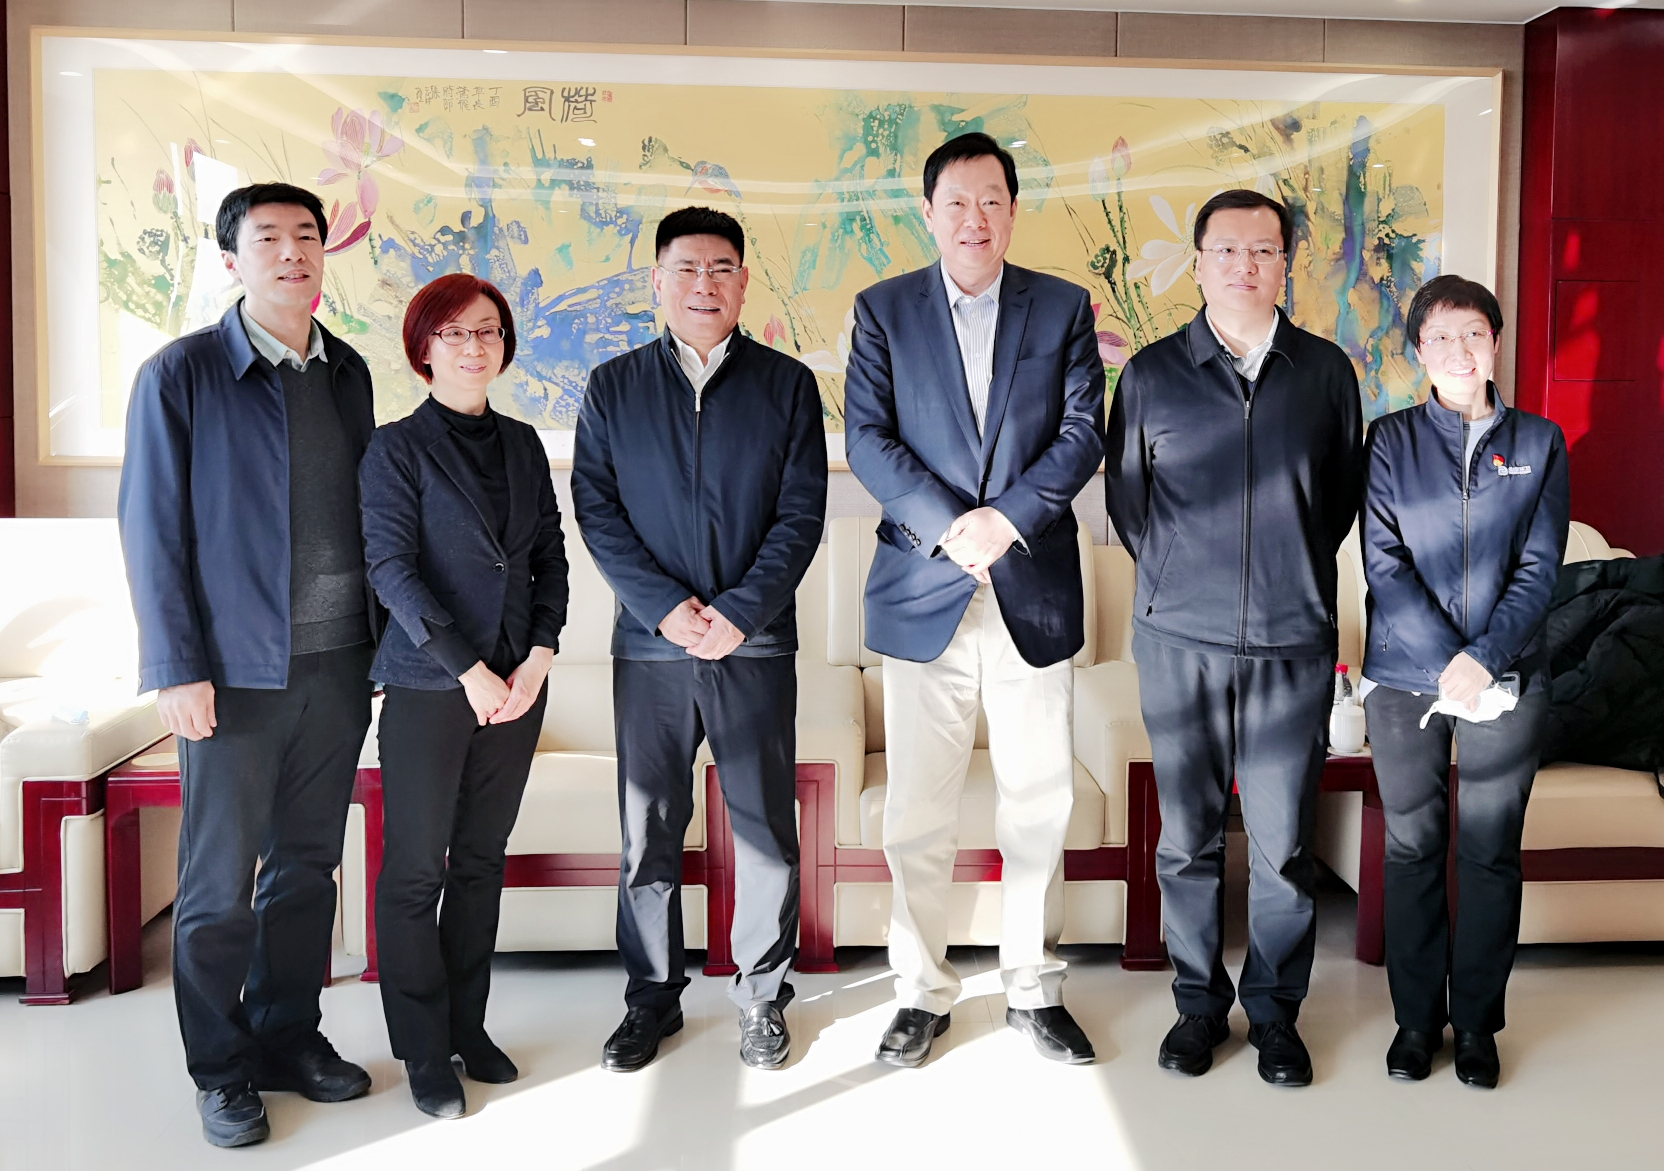 百灵天地王文胜董事长受聘为北京环卫集团外部董事